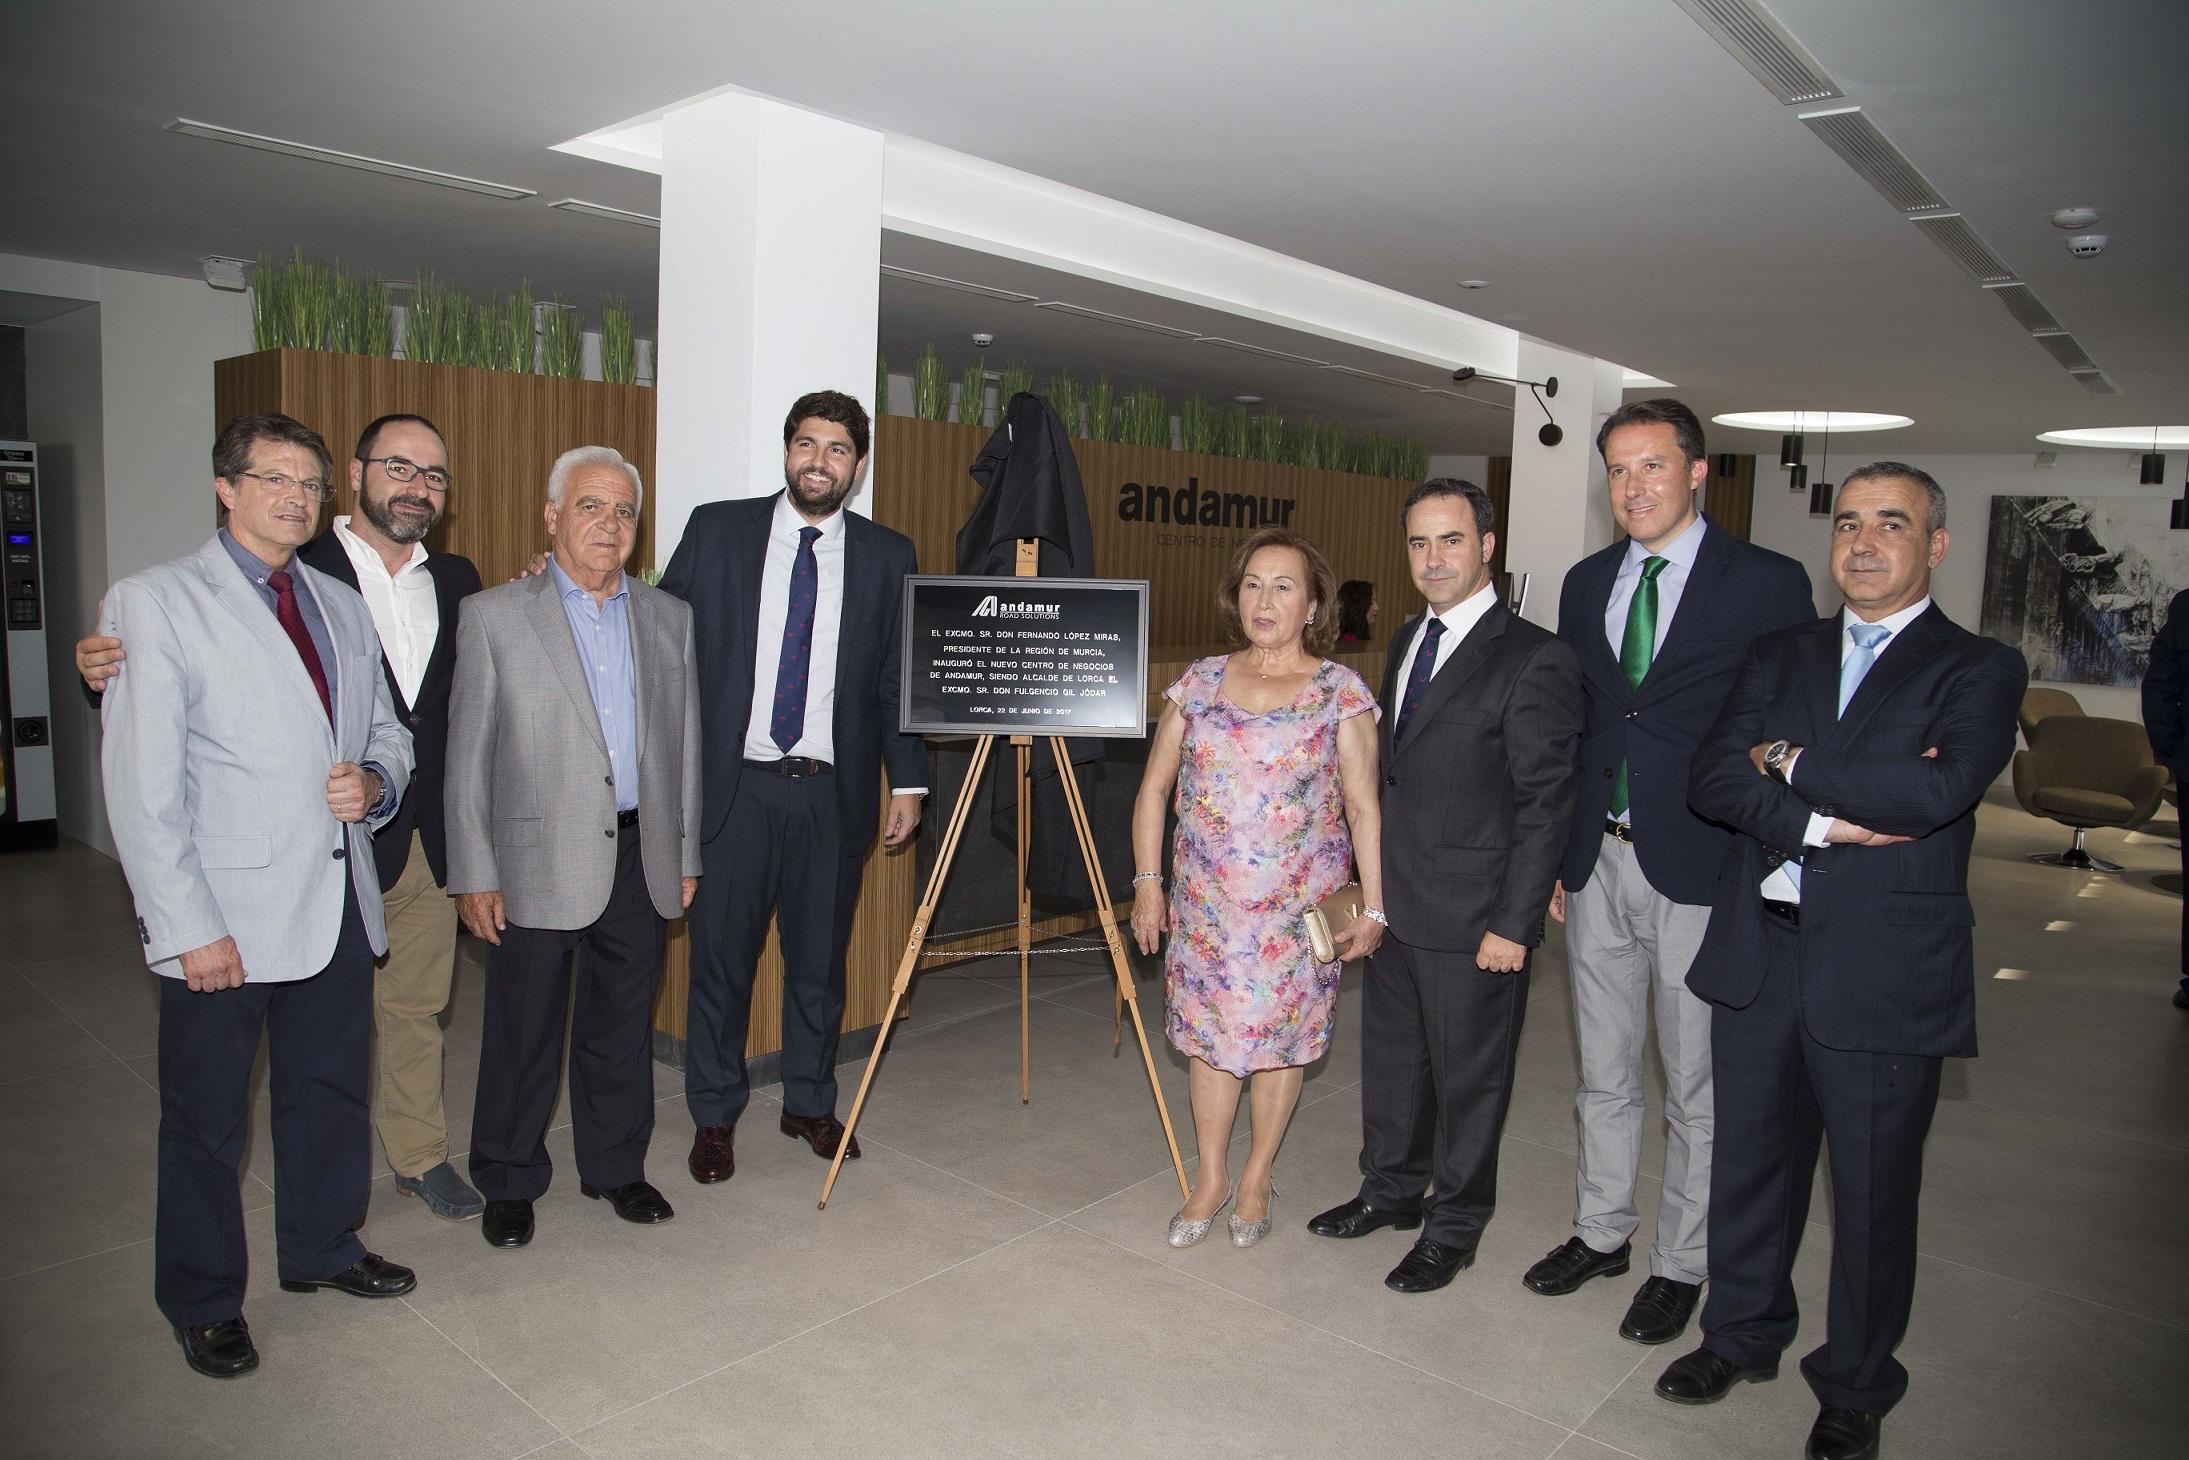 Andamur inaugura su Centro de Negocios en el Polígono Saprelorca, coincidiendo con el 30 aniversario de la empresa